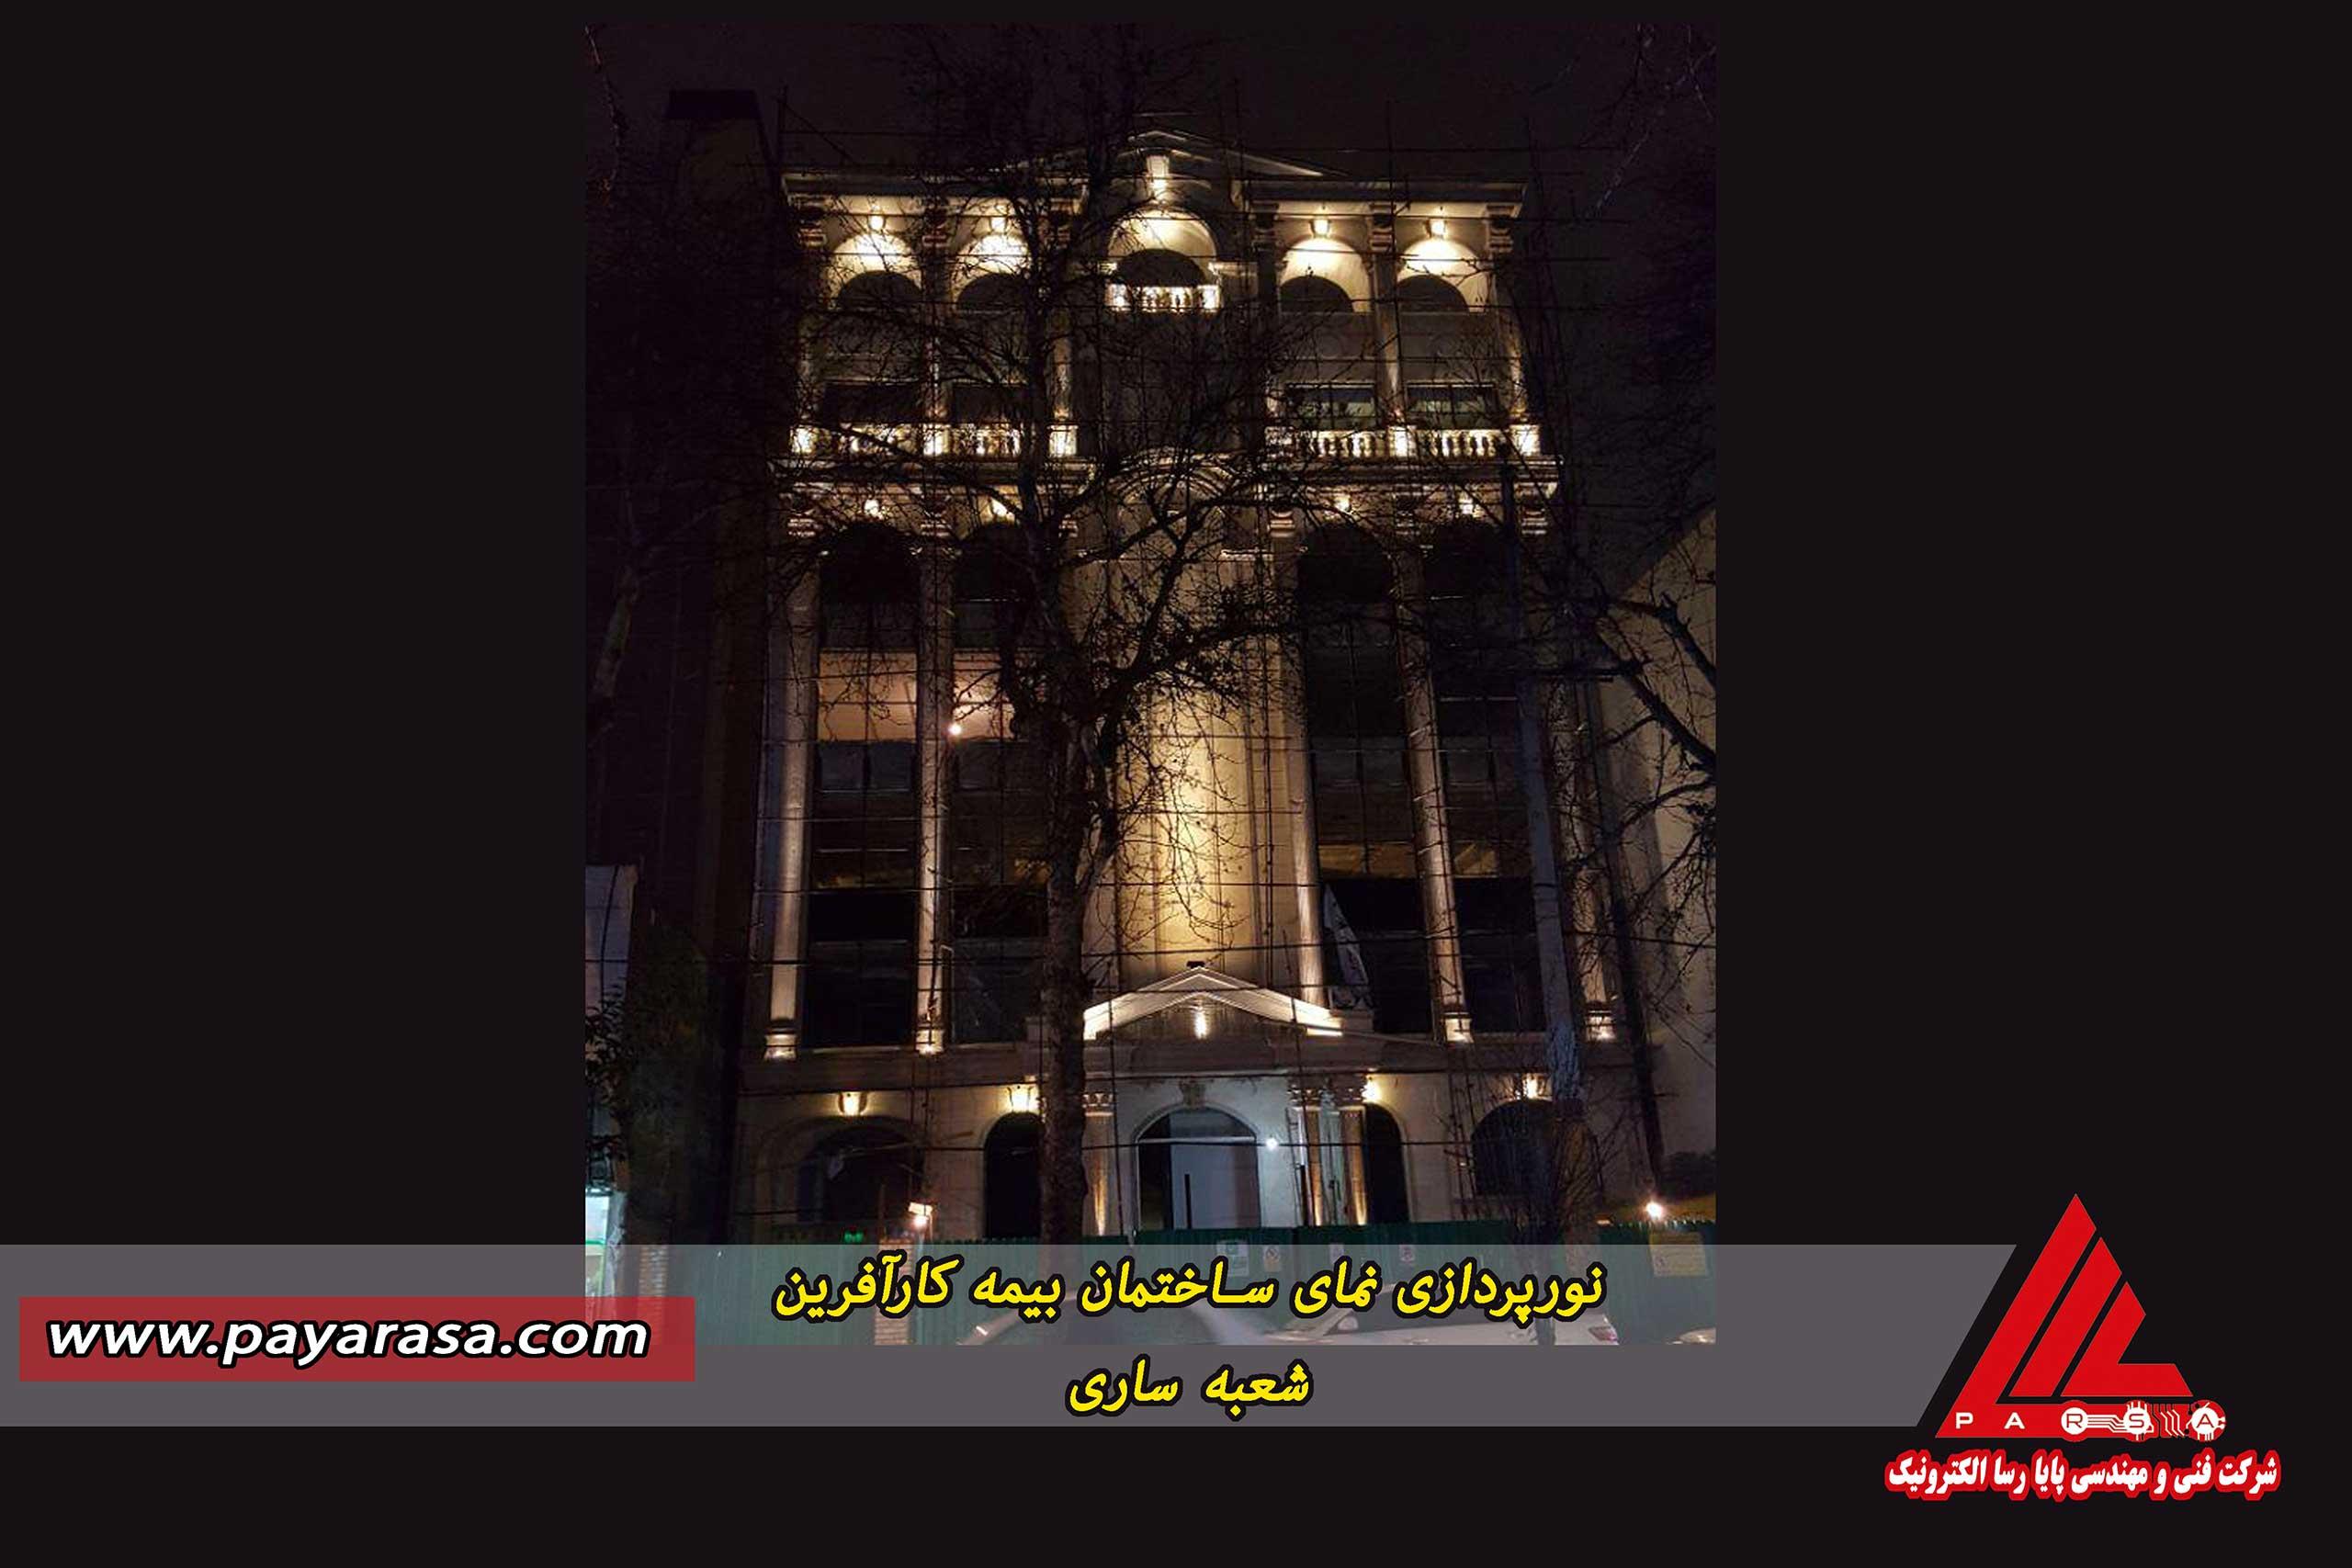 نورپردازی ساختمان بیمه کارآفرین شعبه ساری